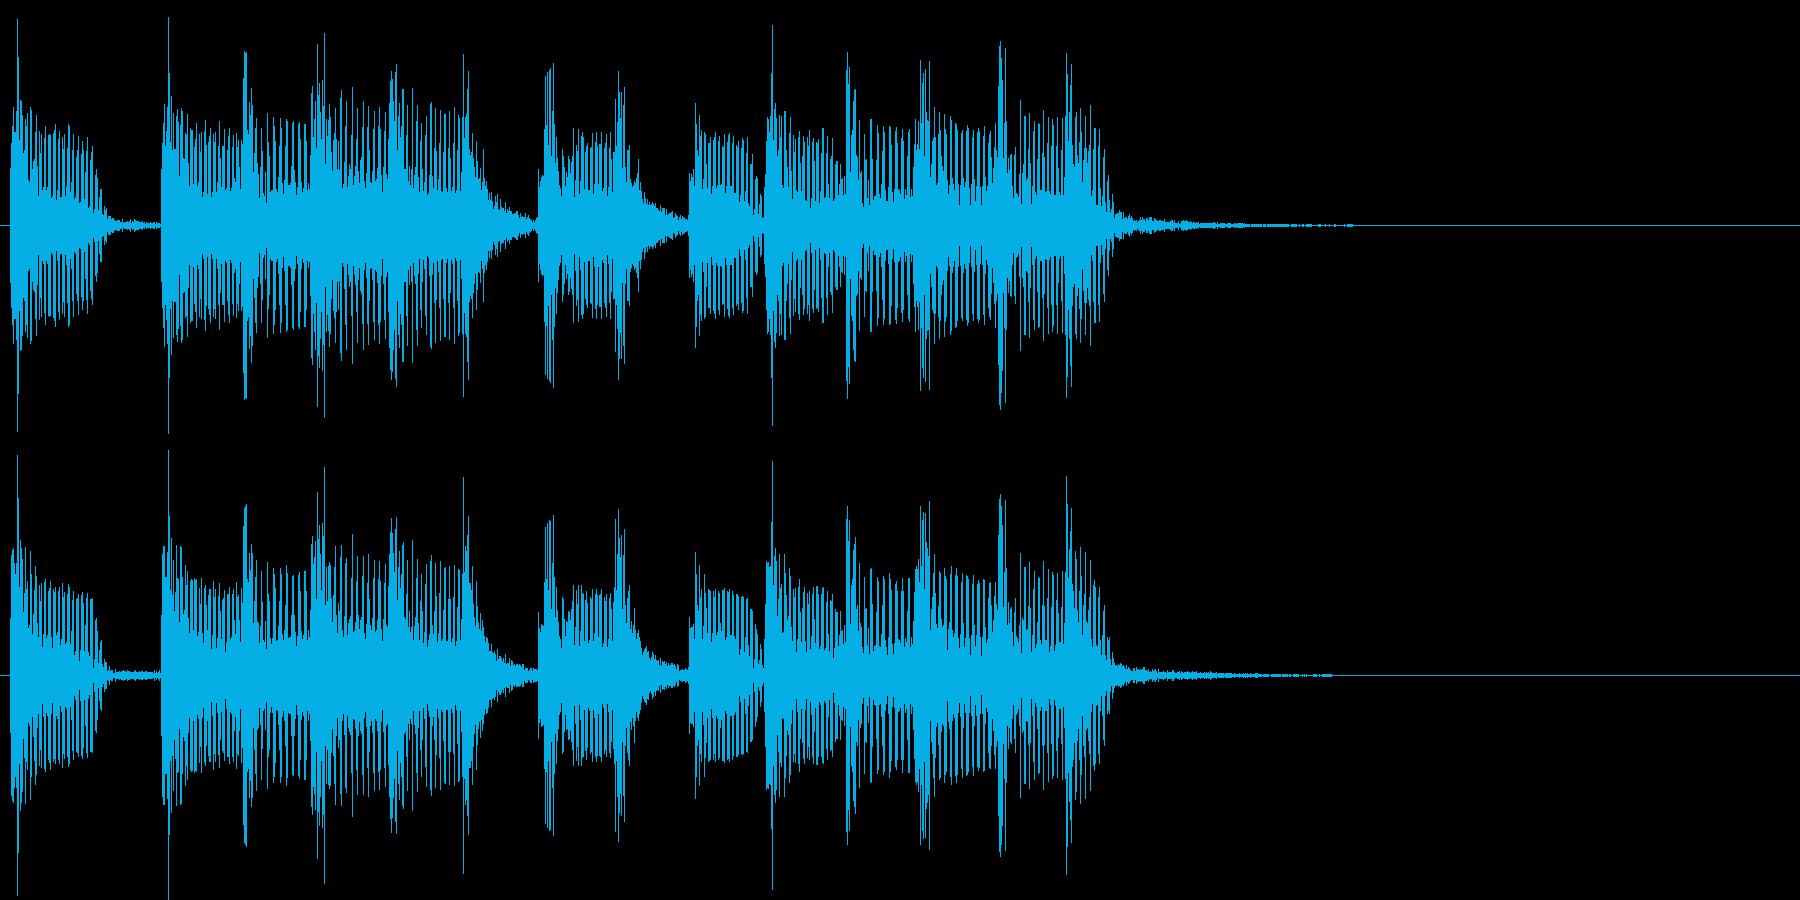 2小節ジングル02 モータウンビート2の再生済みの波形